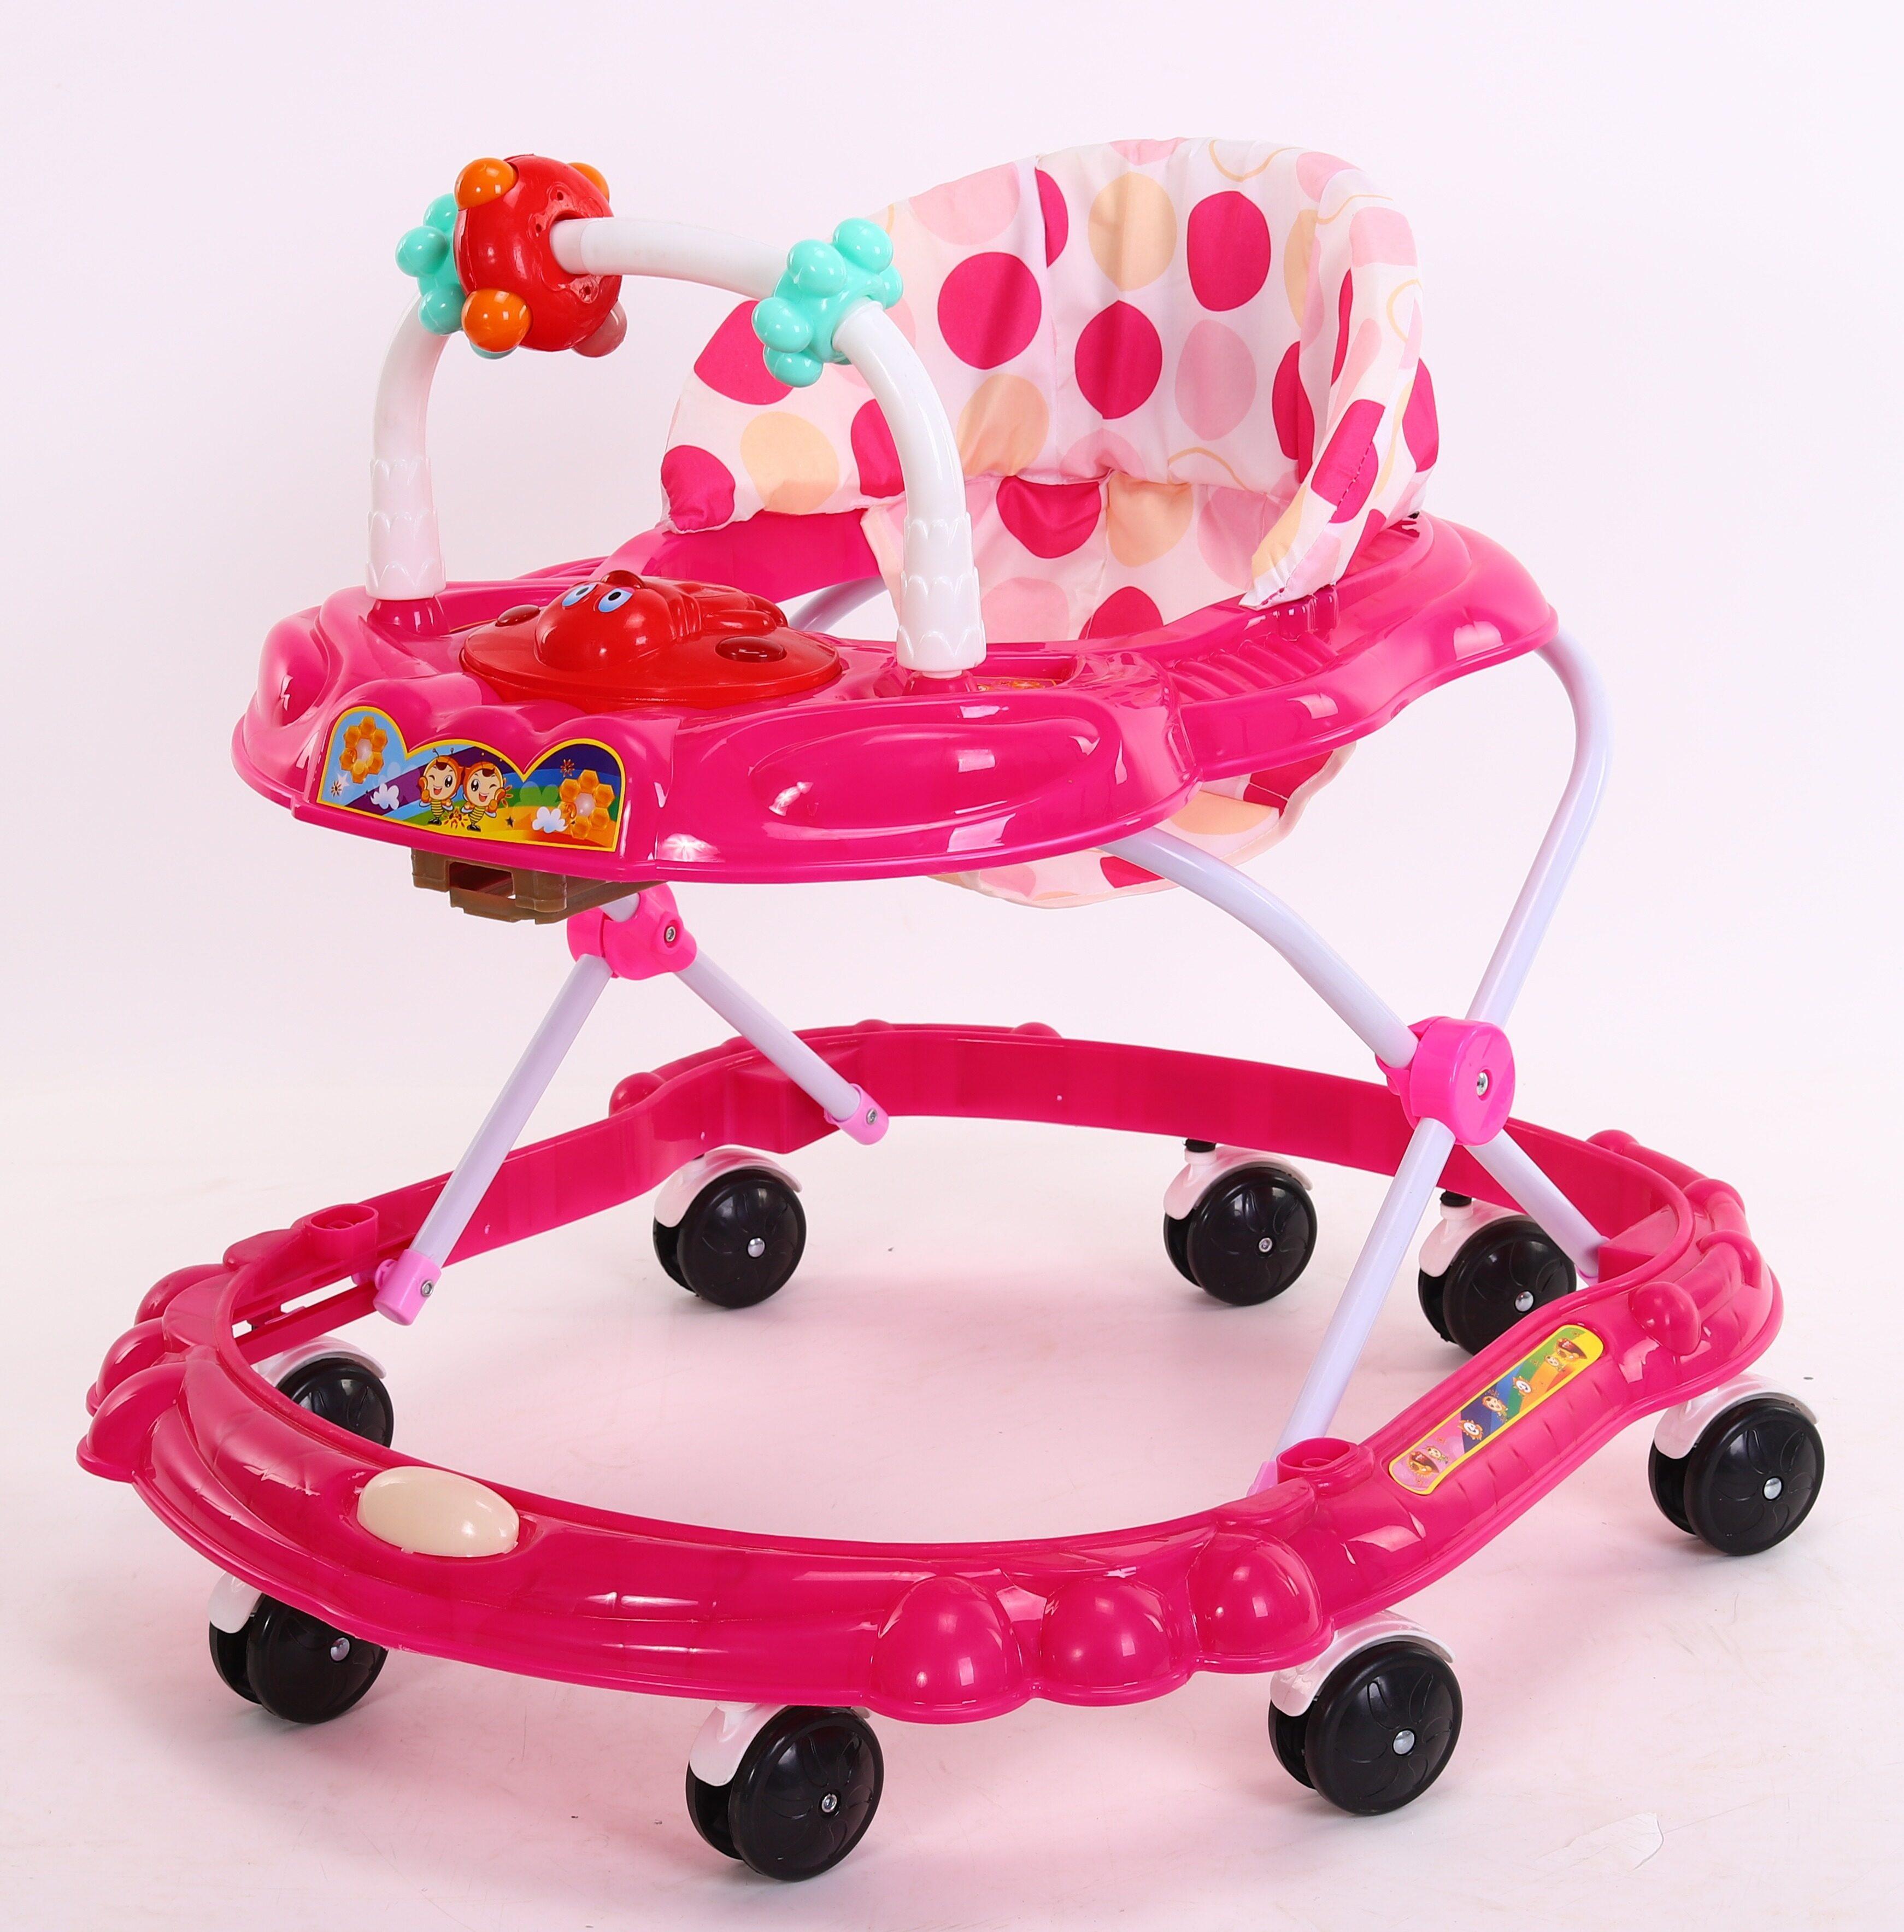 แนะนำ รถพยุงหัดเดิน 3 ระดับ มีเสียงเพลง ปรับระดับได้ สีชมพู Pink 999#